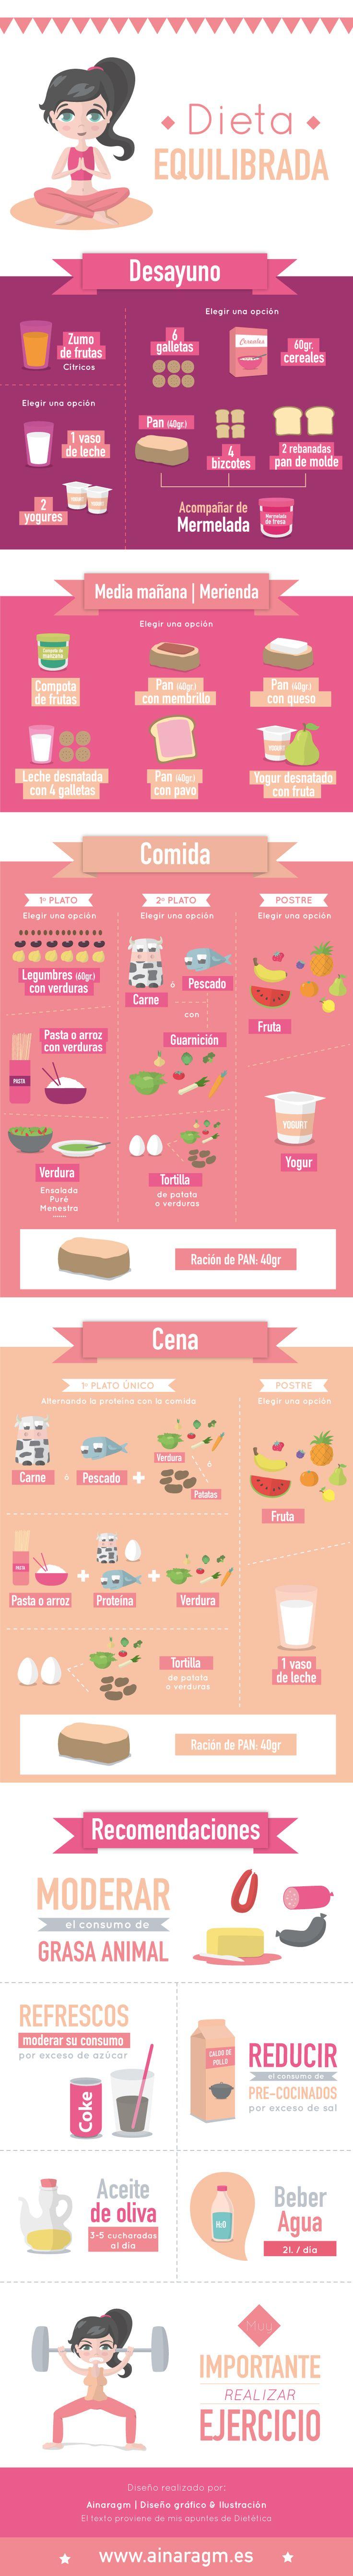 Infografía de una #dieta equilibrada  #ImmGdl